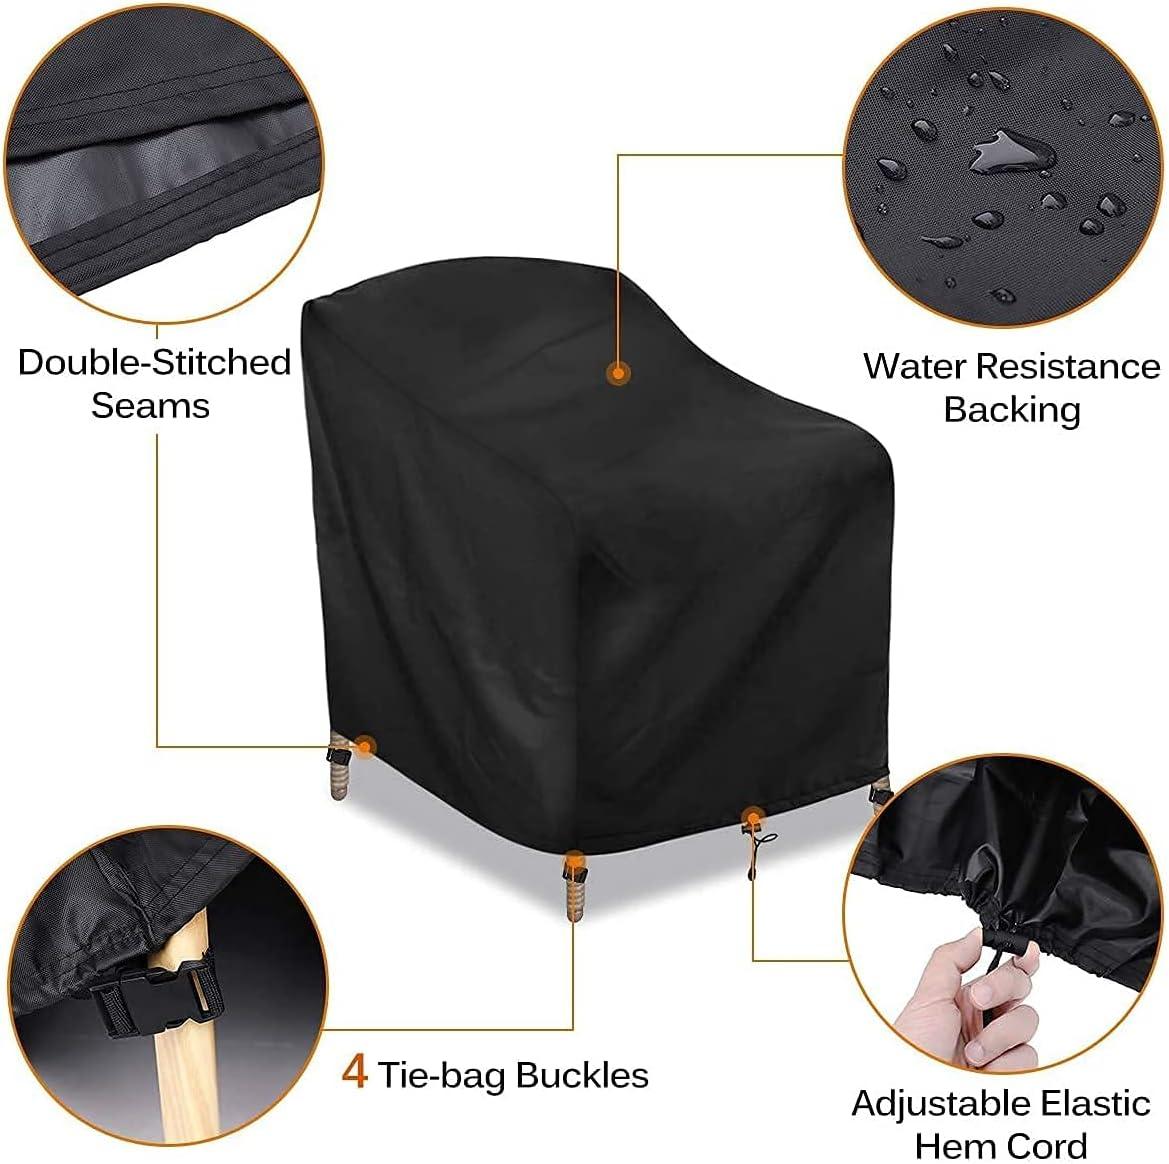 Pack de 2 fundas protectoras impermeables para sillas de exterior por 12,49€ con el #código: VLBR8QIR